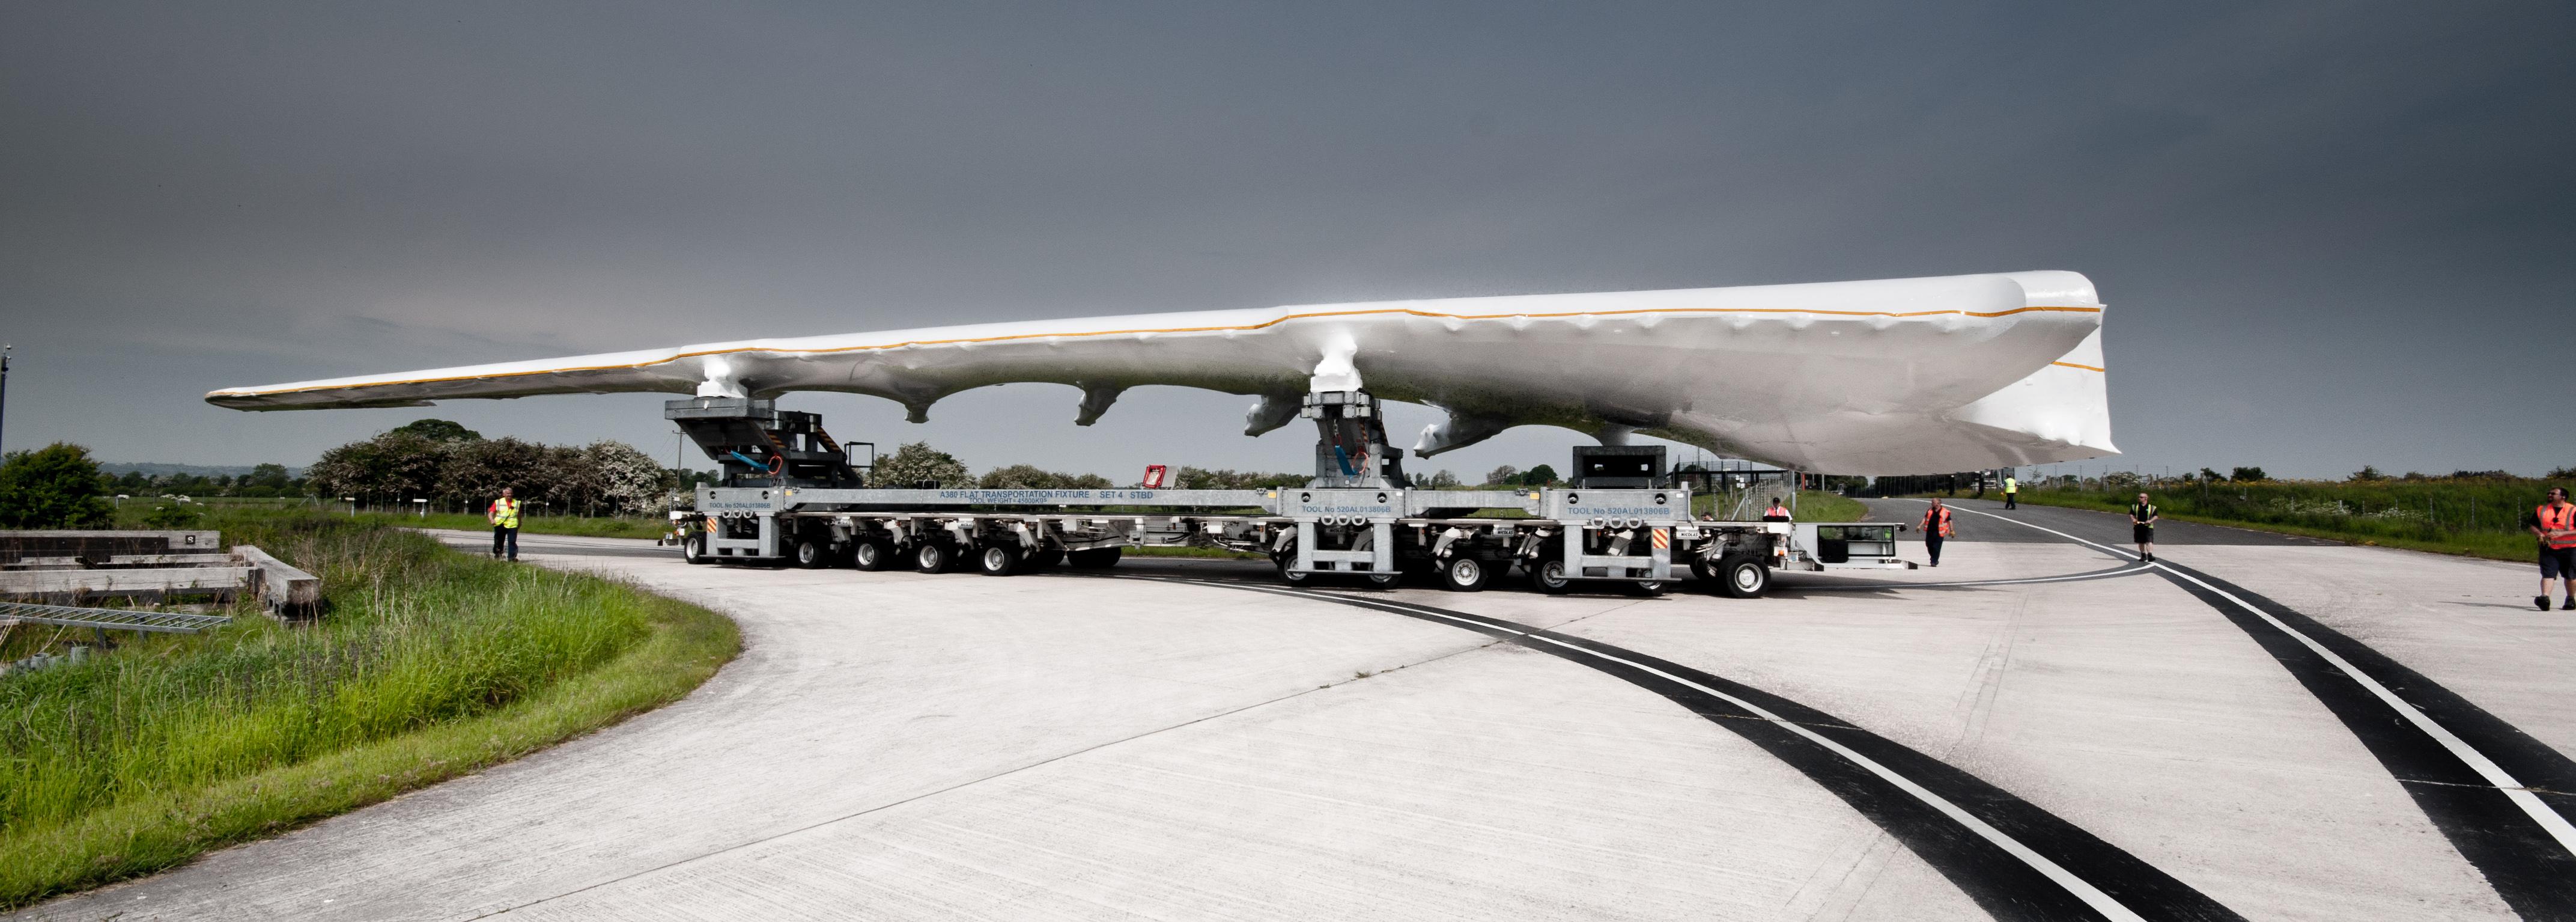 Resultado de imagen para Airbus Broughton